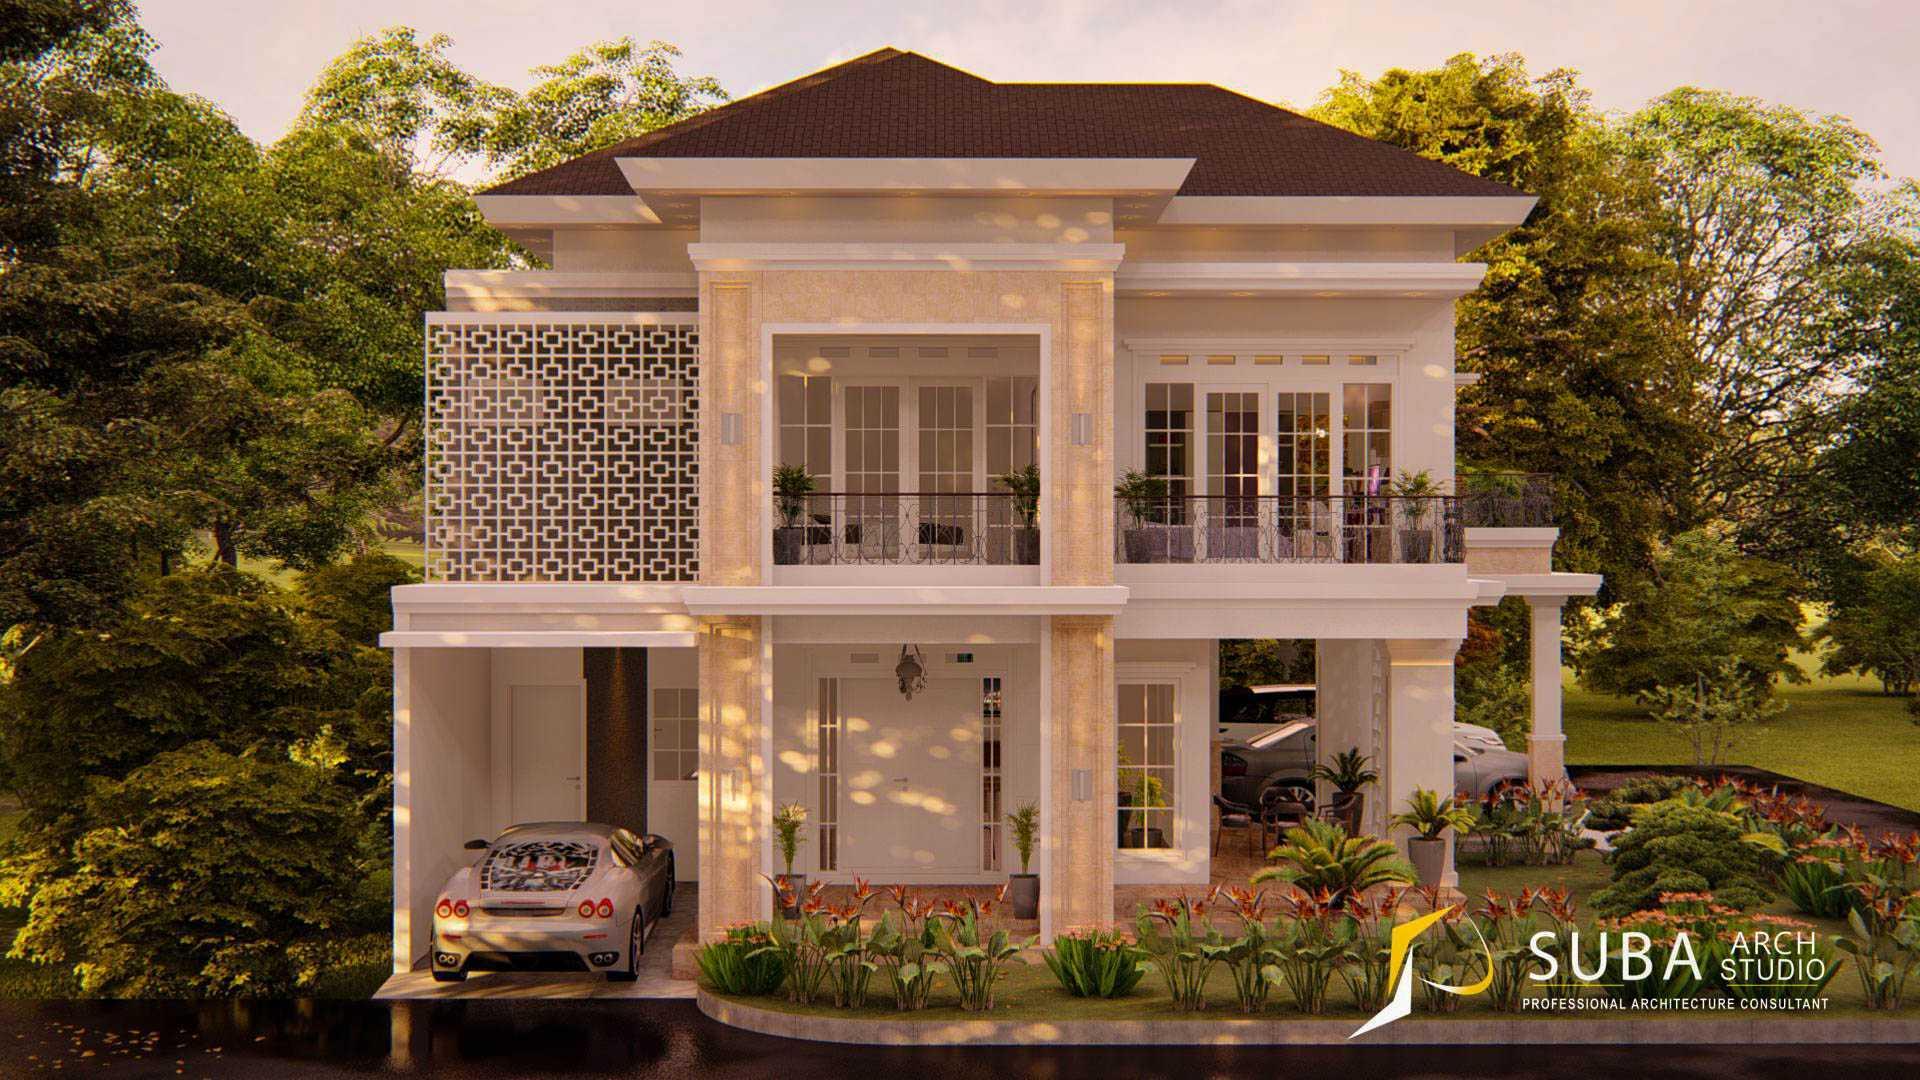 Suba-Arch Desain Rencana Renovasi Rumah Tinggal 2Lt 15 X 13 @bu Iis Bogor, Jawa Barat, Indonesia Bogor, Jawa Barat, Indonesia Suba-Arch-Desain-Rencana-Renovasi-Rumah-Tinggal-2Lt-15-X-13-Bu-Iis  86837